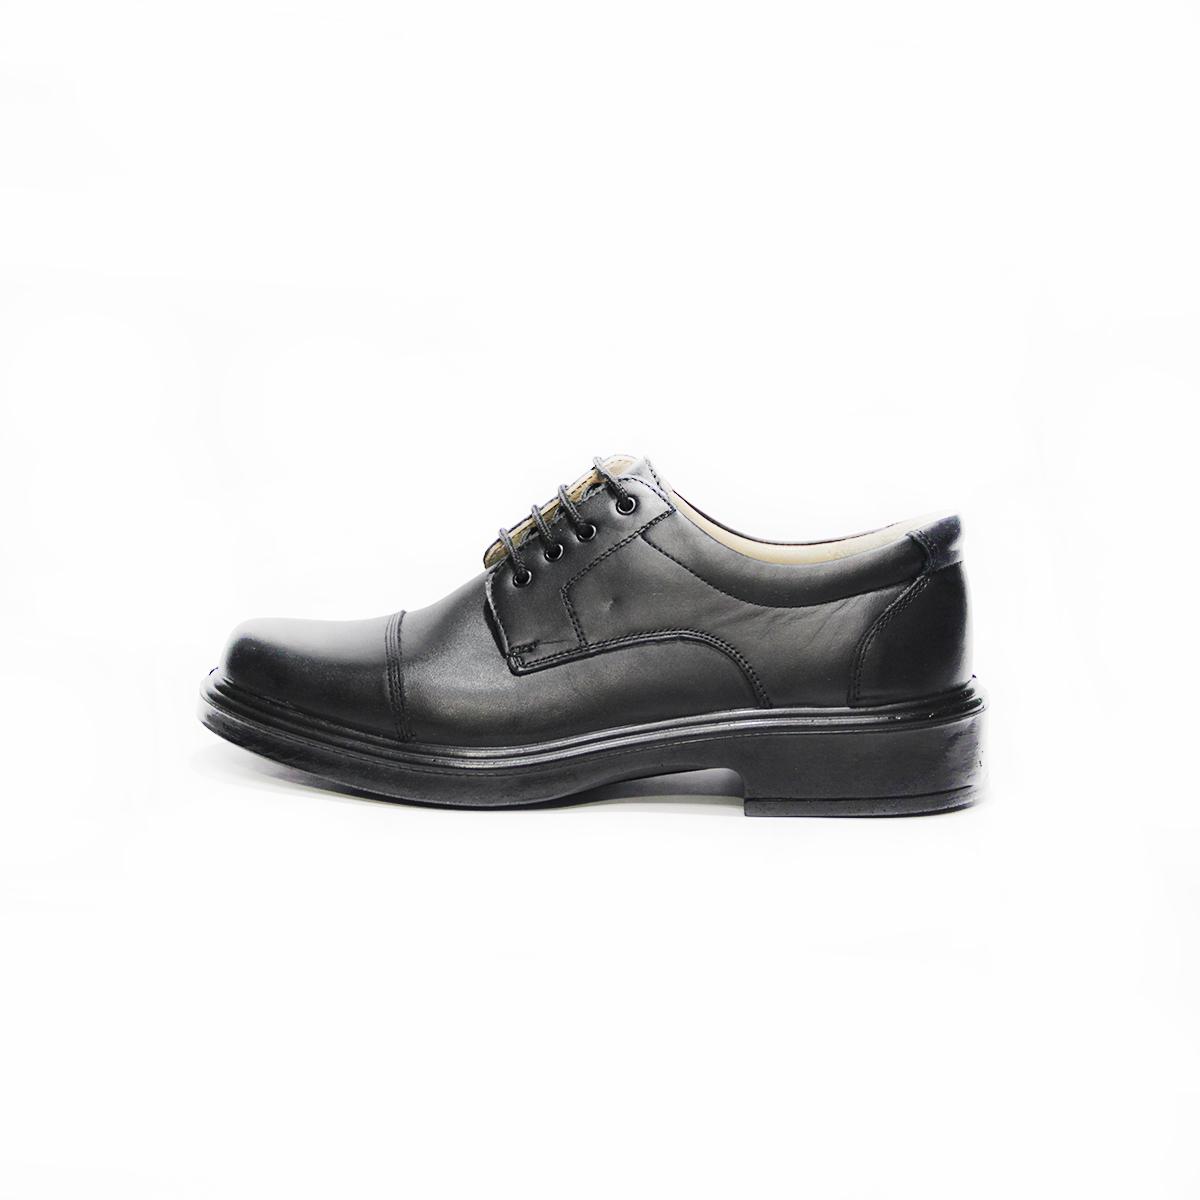 کفش مردانه فرزین کد SEBM 038 رنگ مشکی